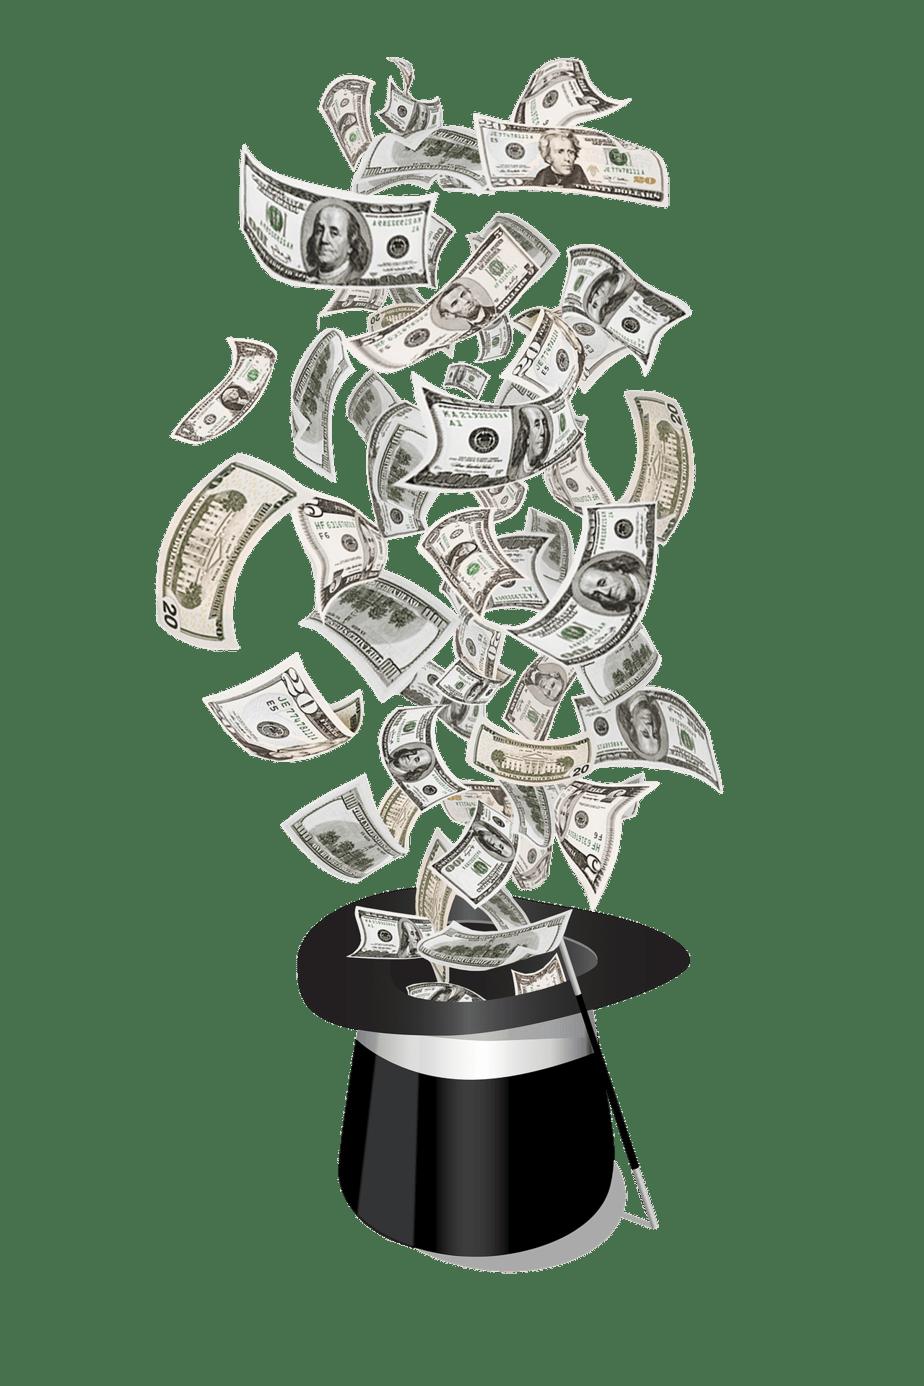 money-1244459_1920